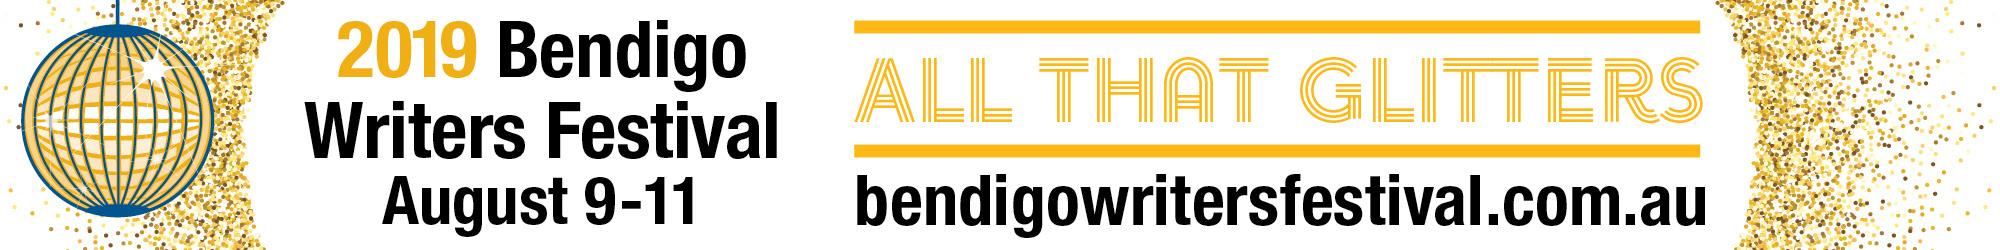 Bendigo Writers Festival logo